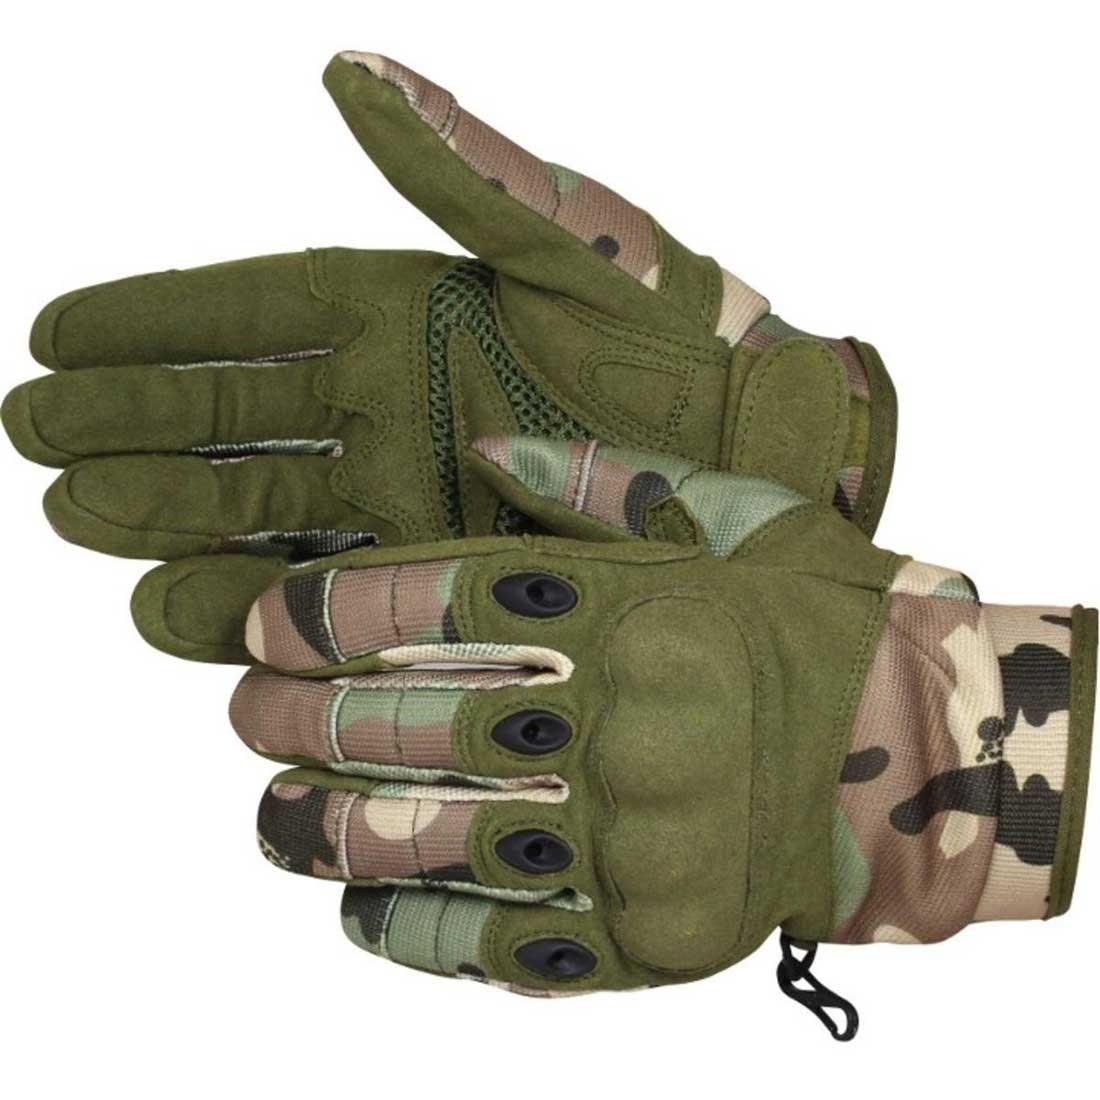 Viper Elite Gloves VCAM Multicam Large